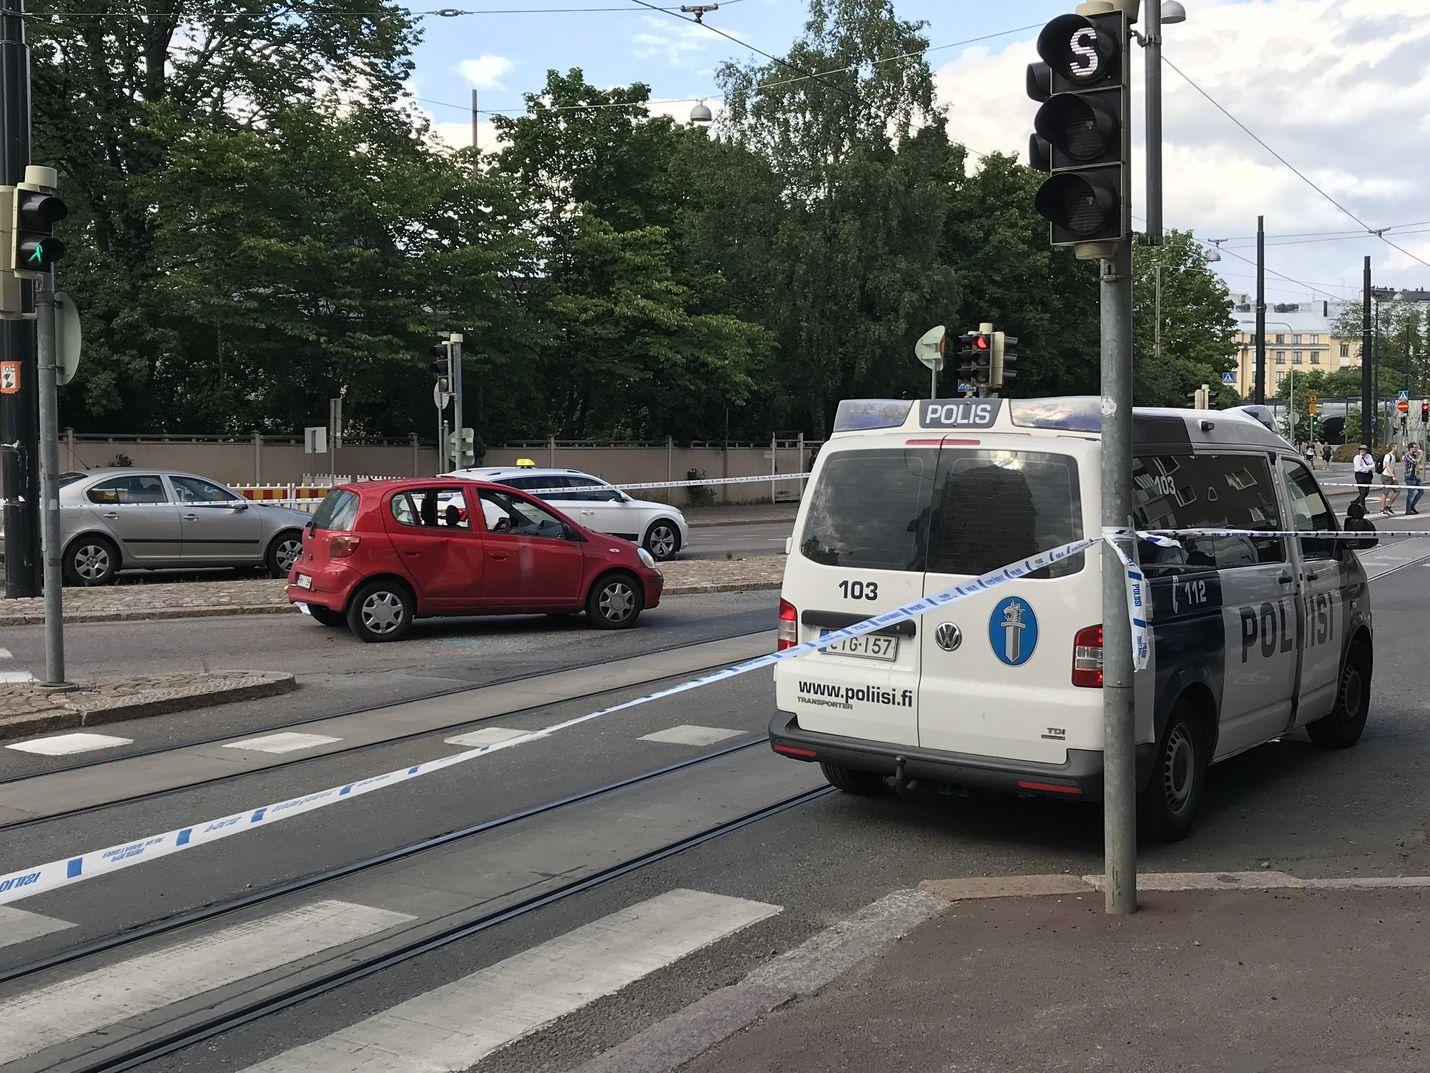 Helsingin keskustassa sattuneessa ampumavälikohtauksessa on loukkaantunut kaksi henkilöä.